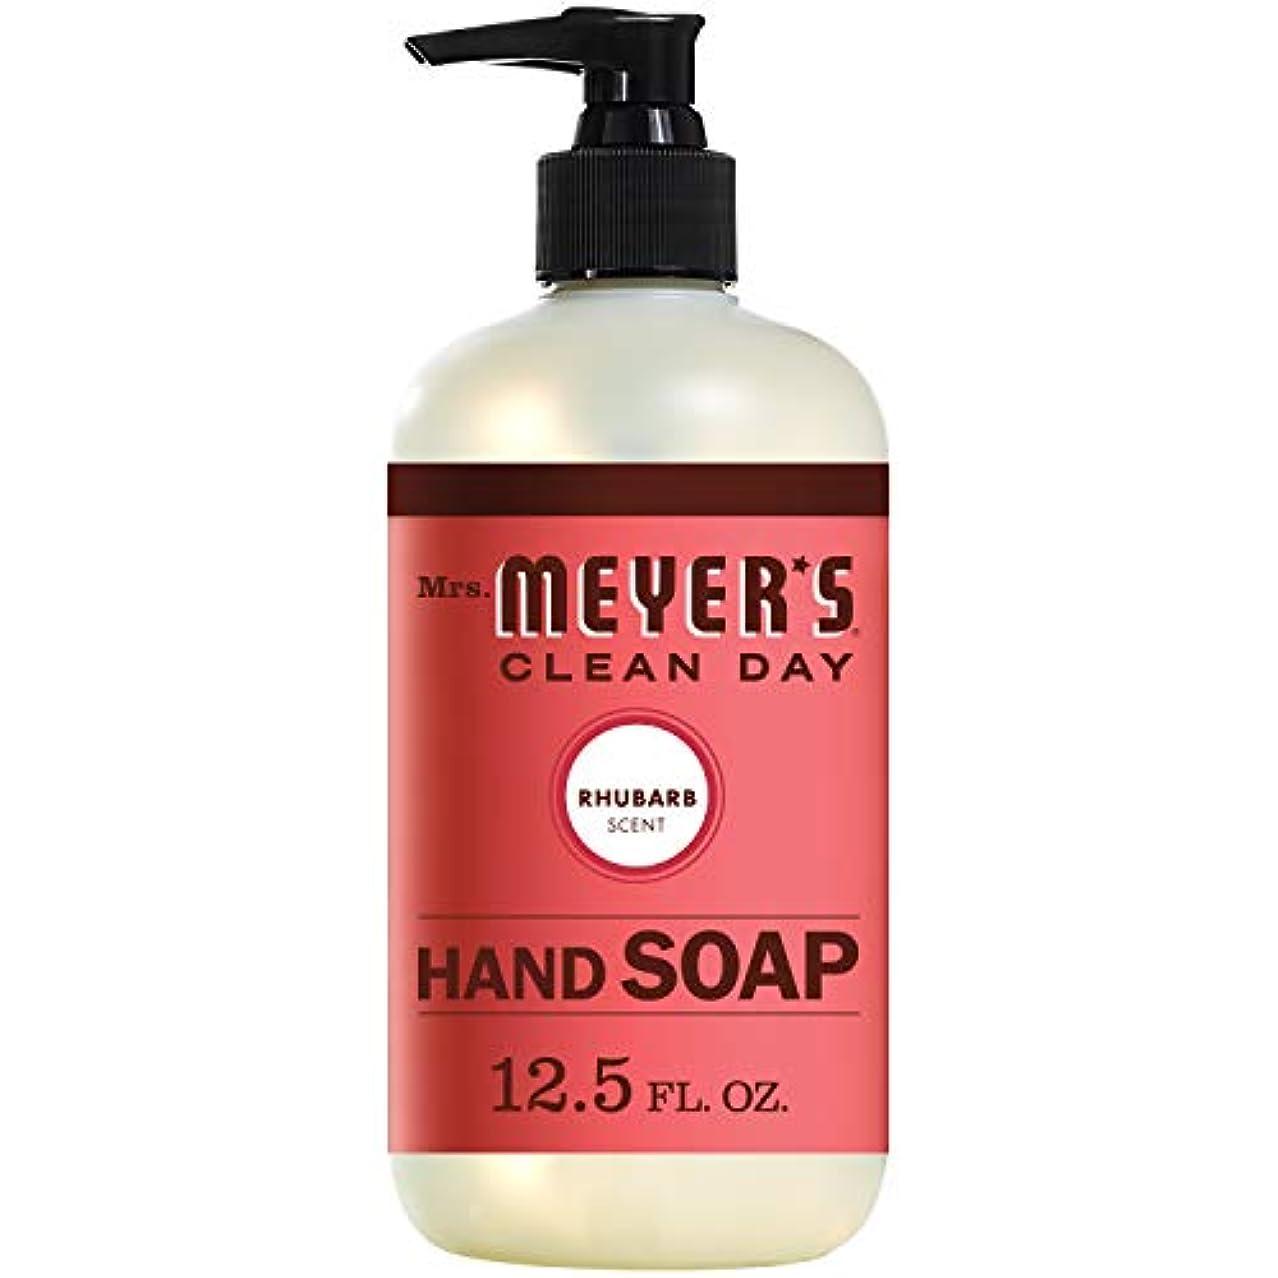 道徳教育延ばす反射Mrs. Meyers Clean Day, Liquid Hand Soap, Rhubarb Scent, 12.5 fl oz (370 ml)